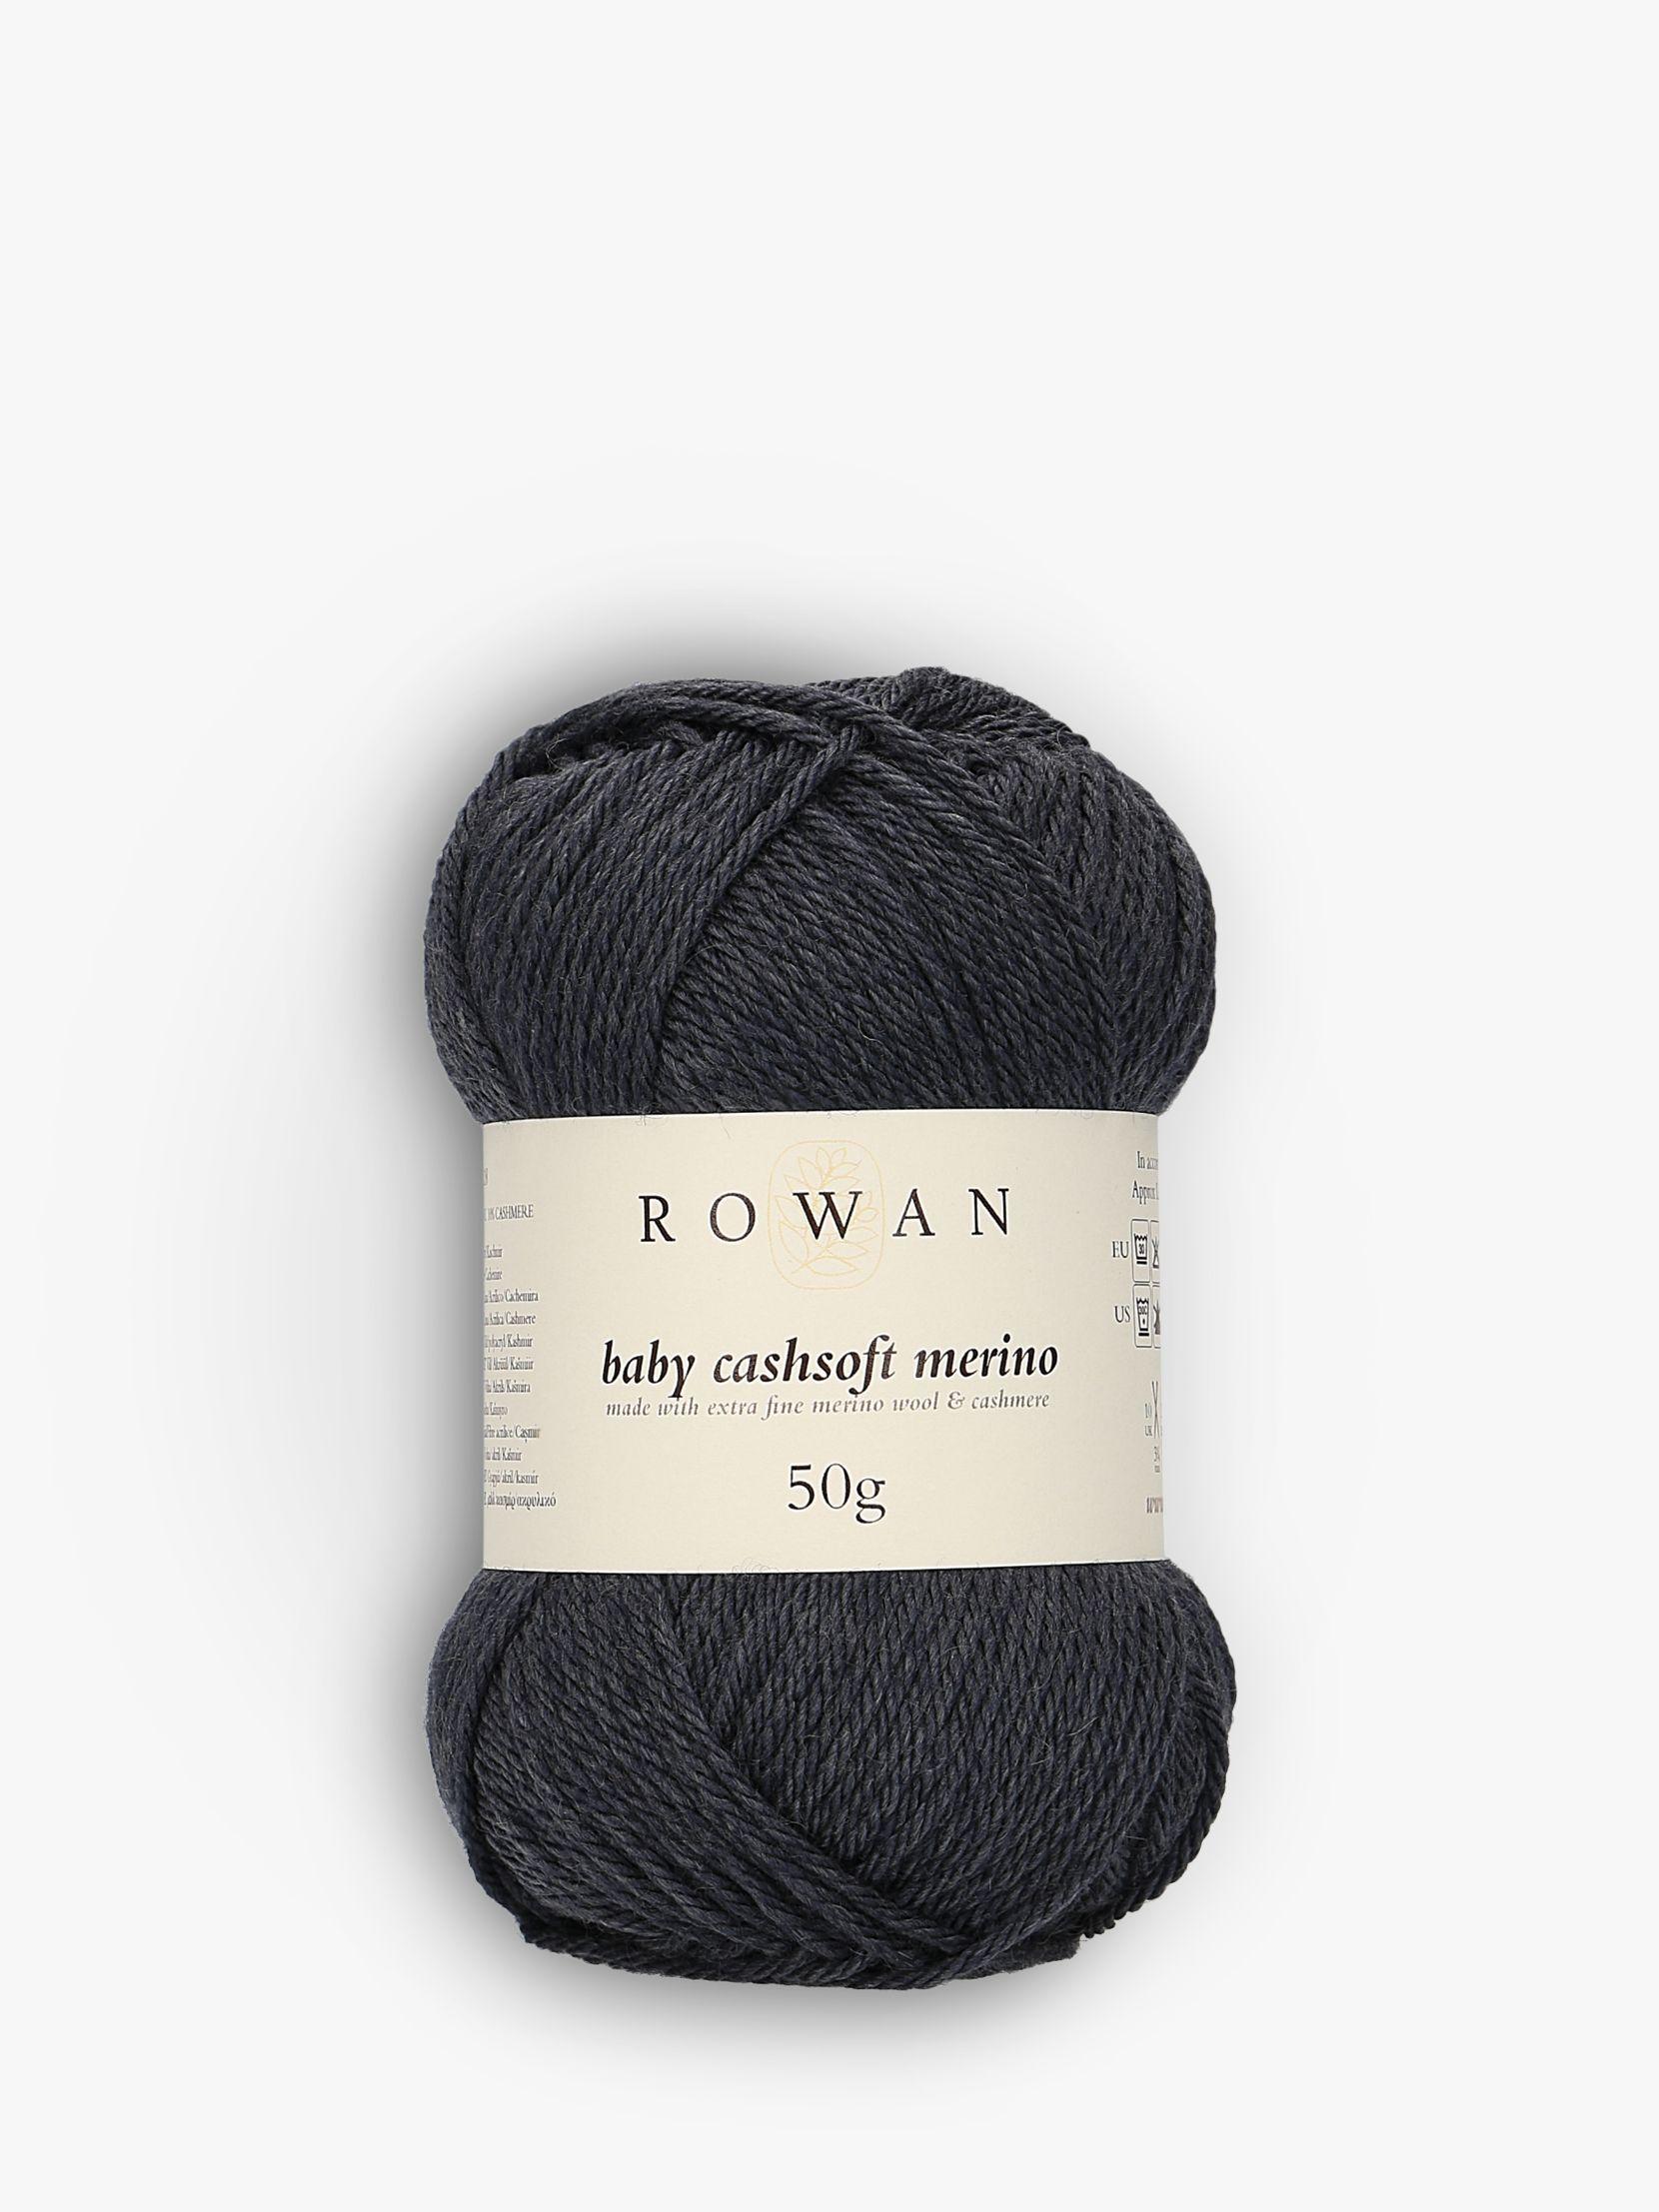 Rowan Rowan Cashmere Soft Merino Fine Yarn, 50g